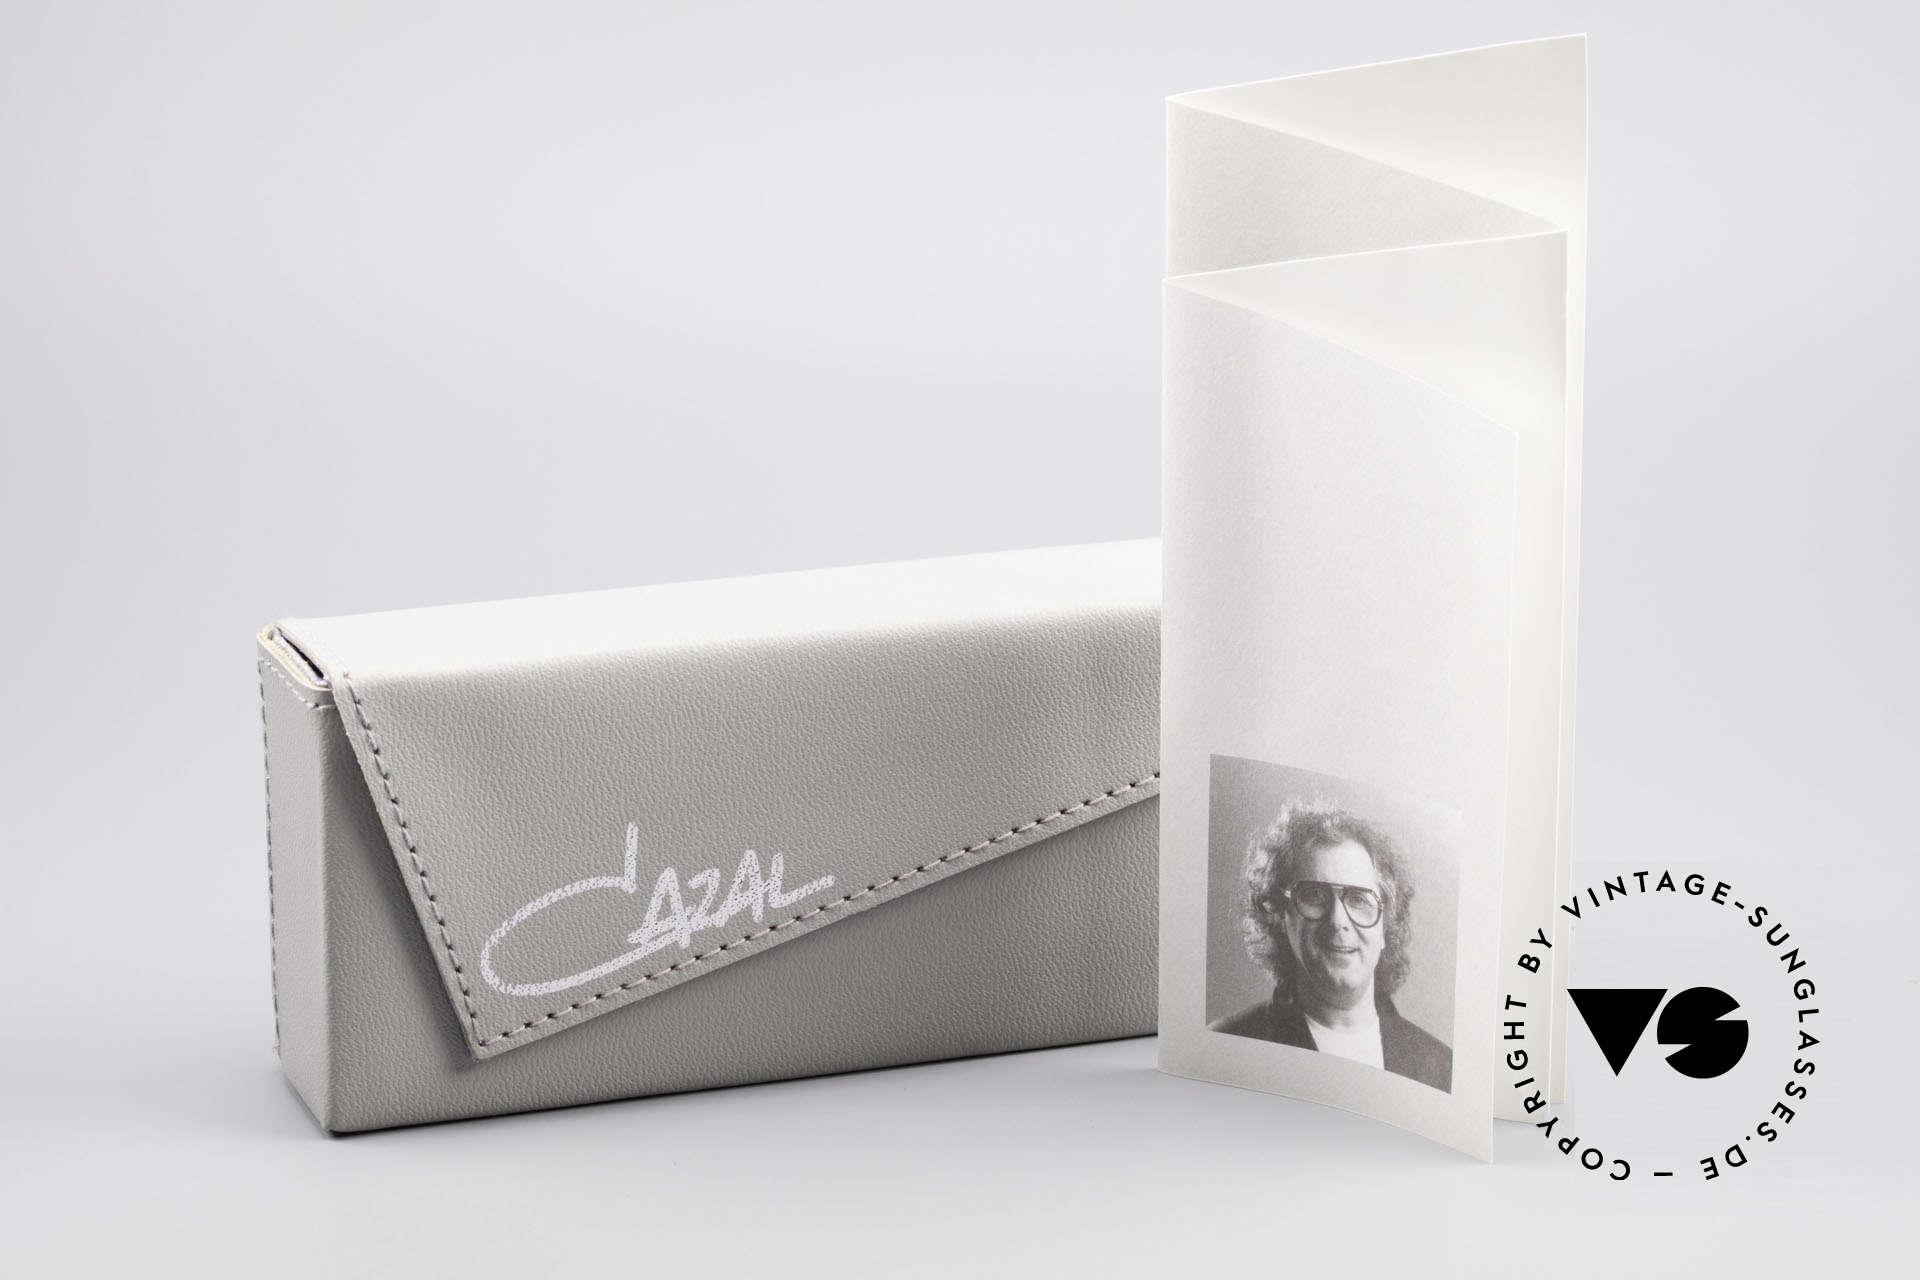 Cazal 738 True Vintage Sonnenbrille, Größe: medium, Passend für Herren